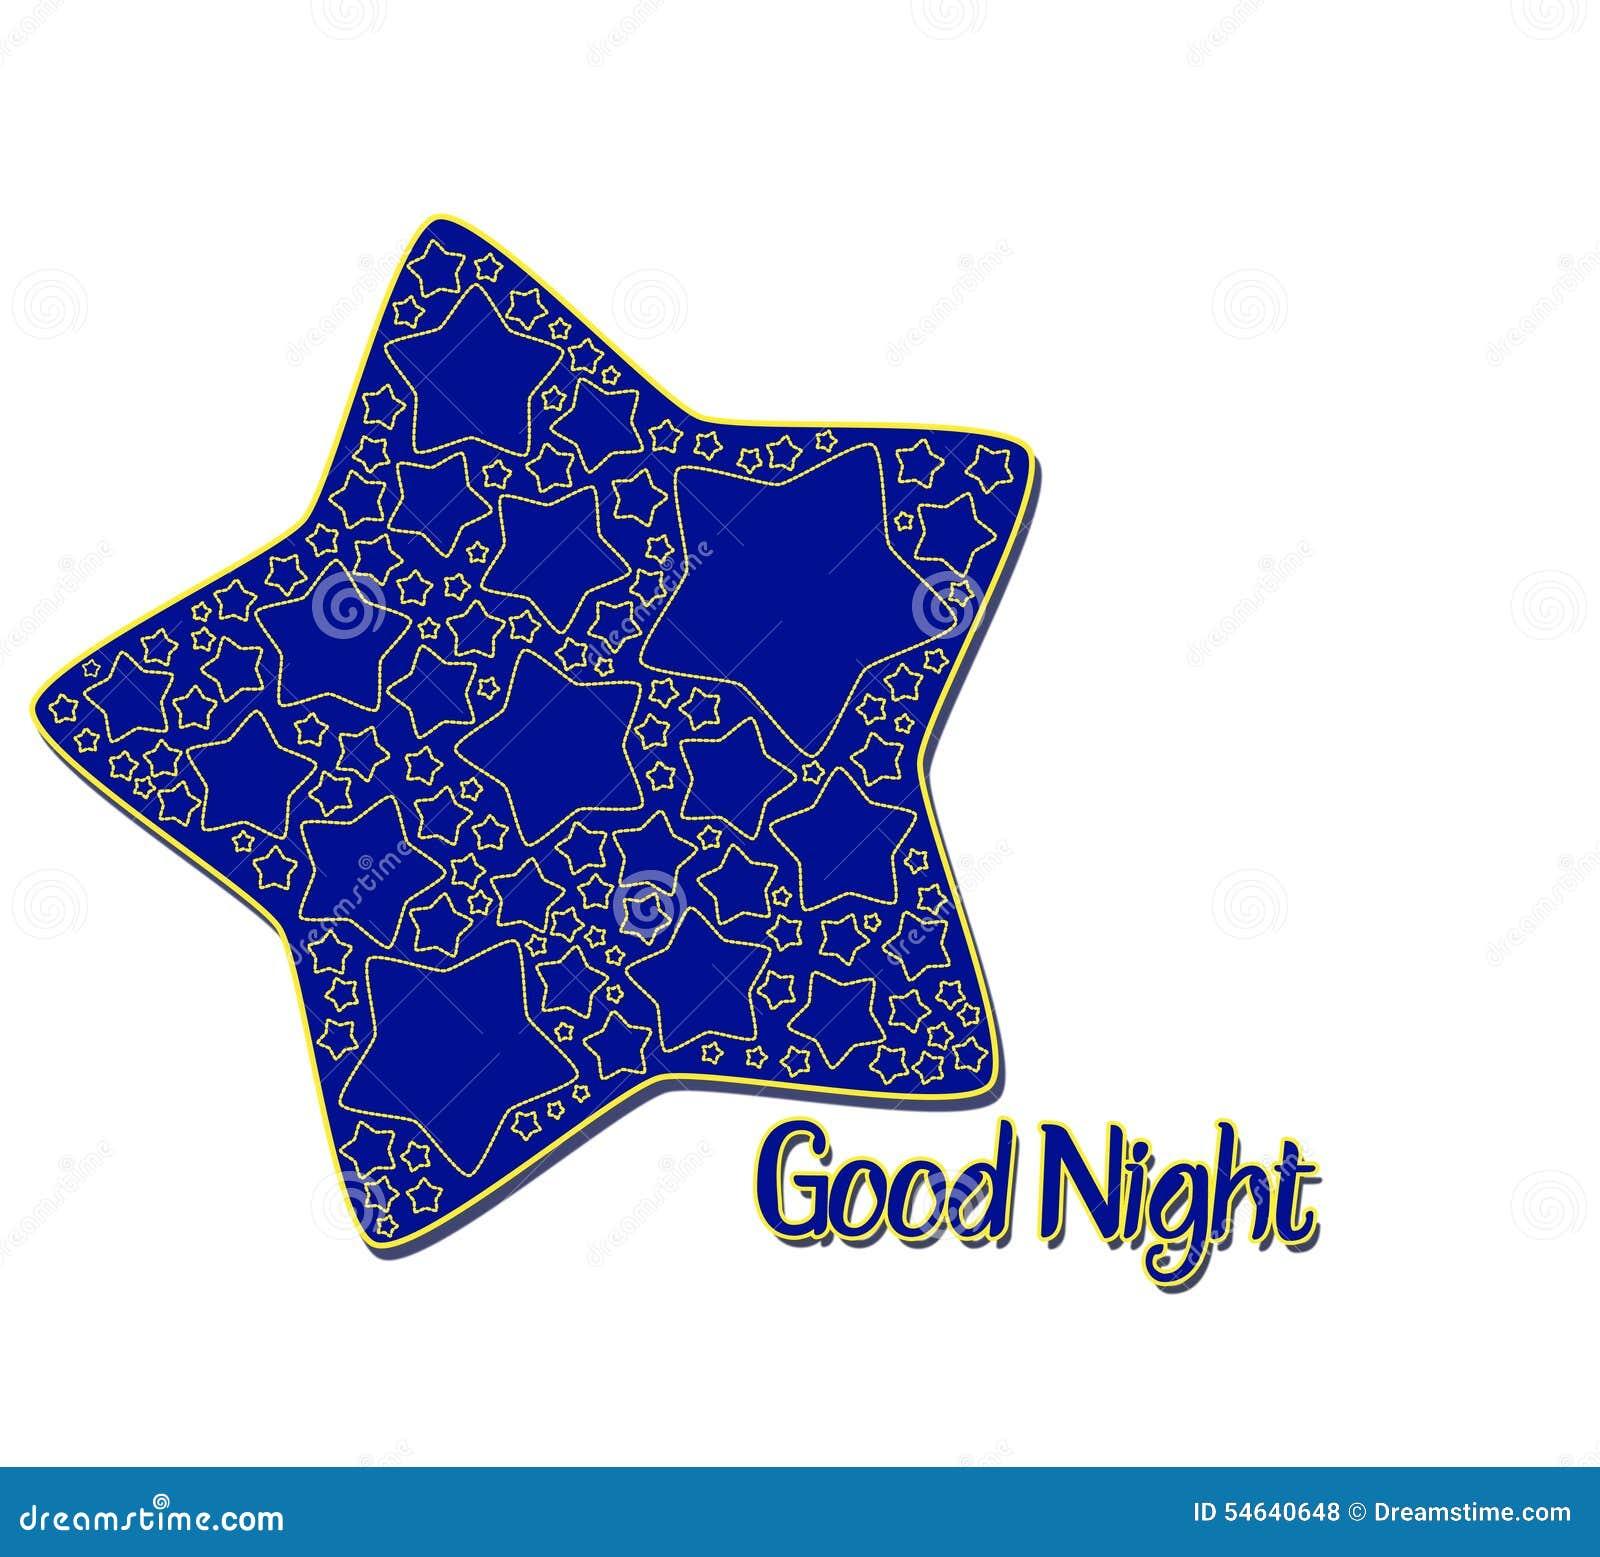 Bra natt